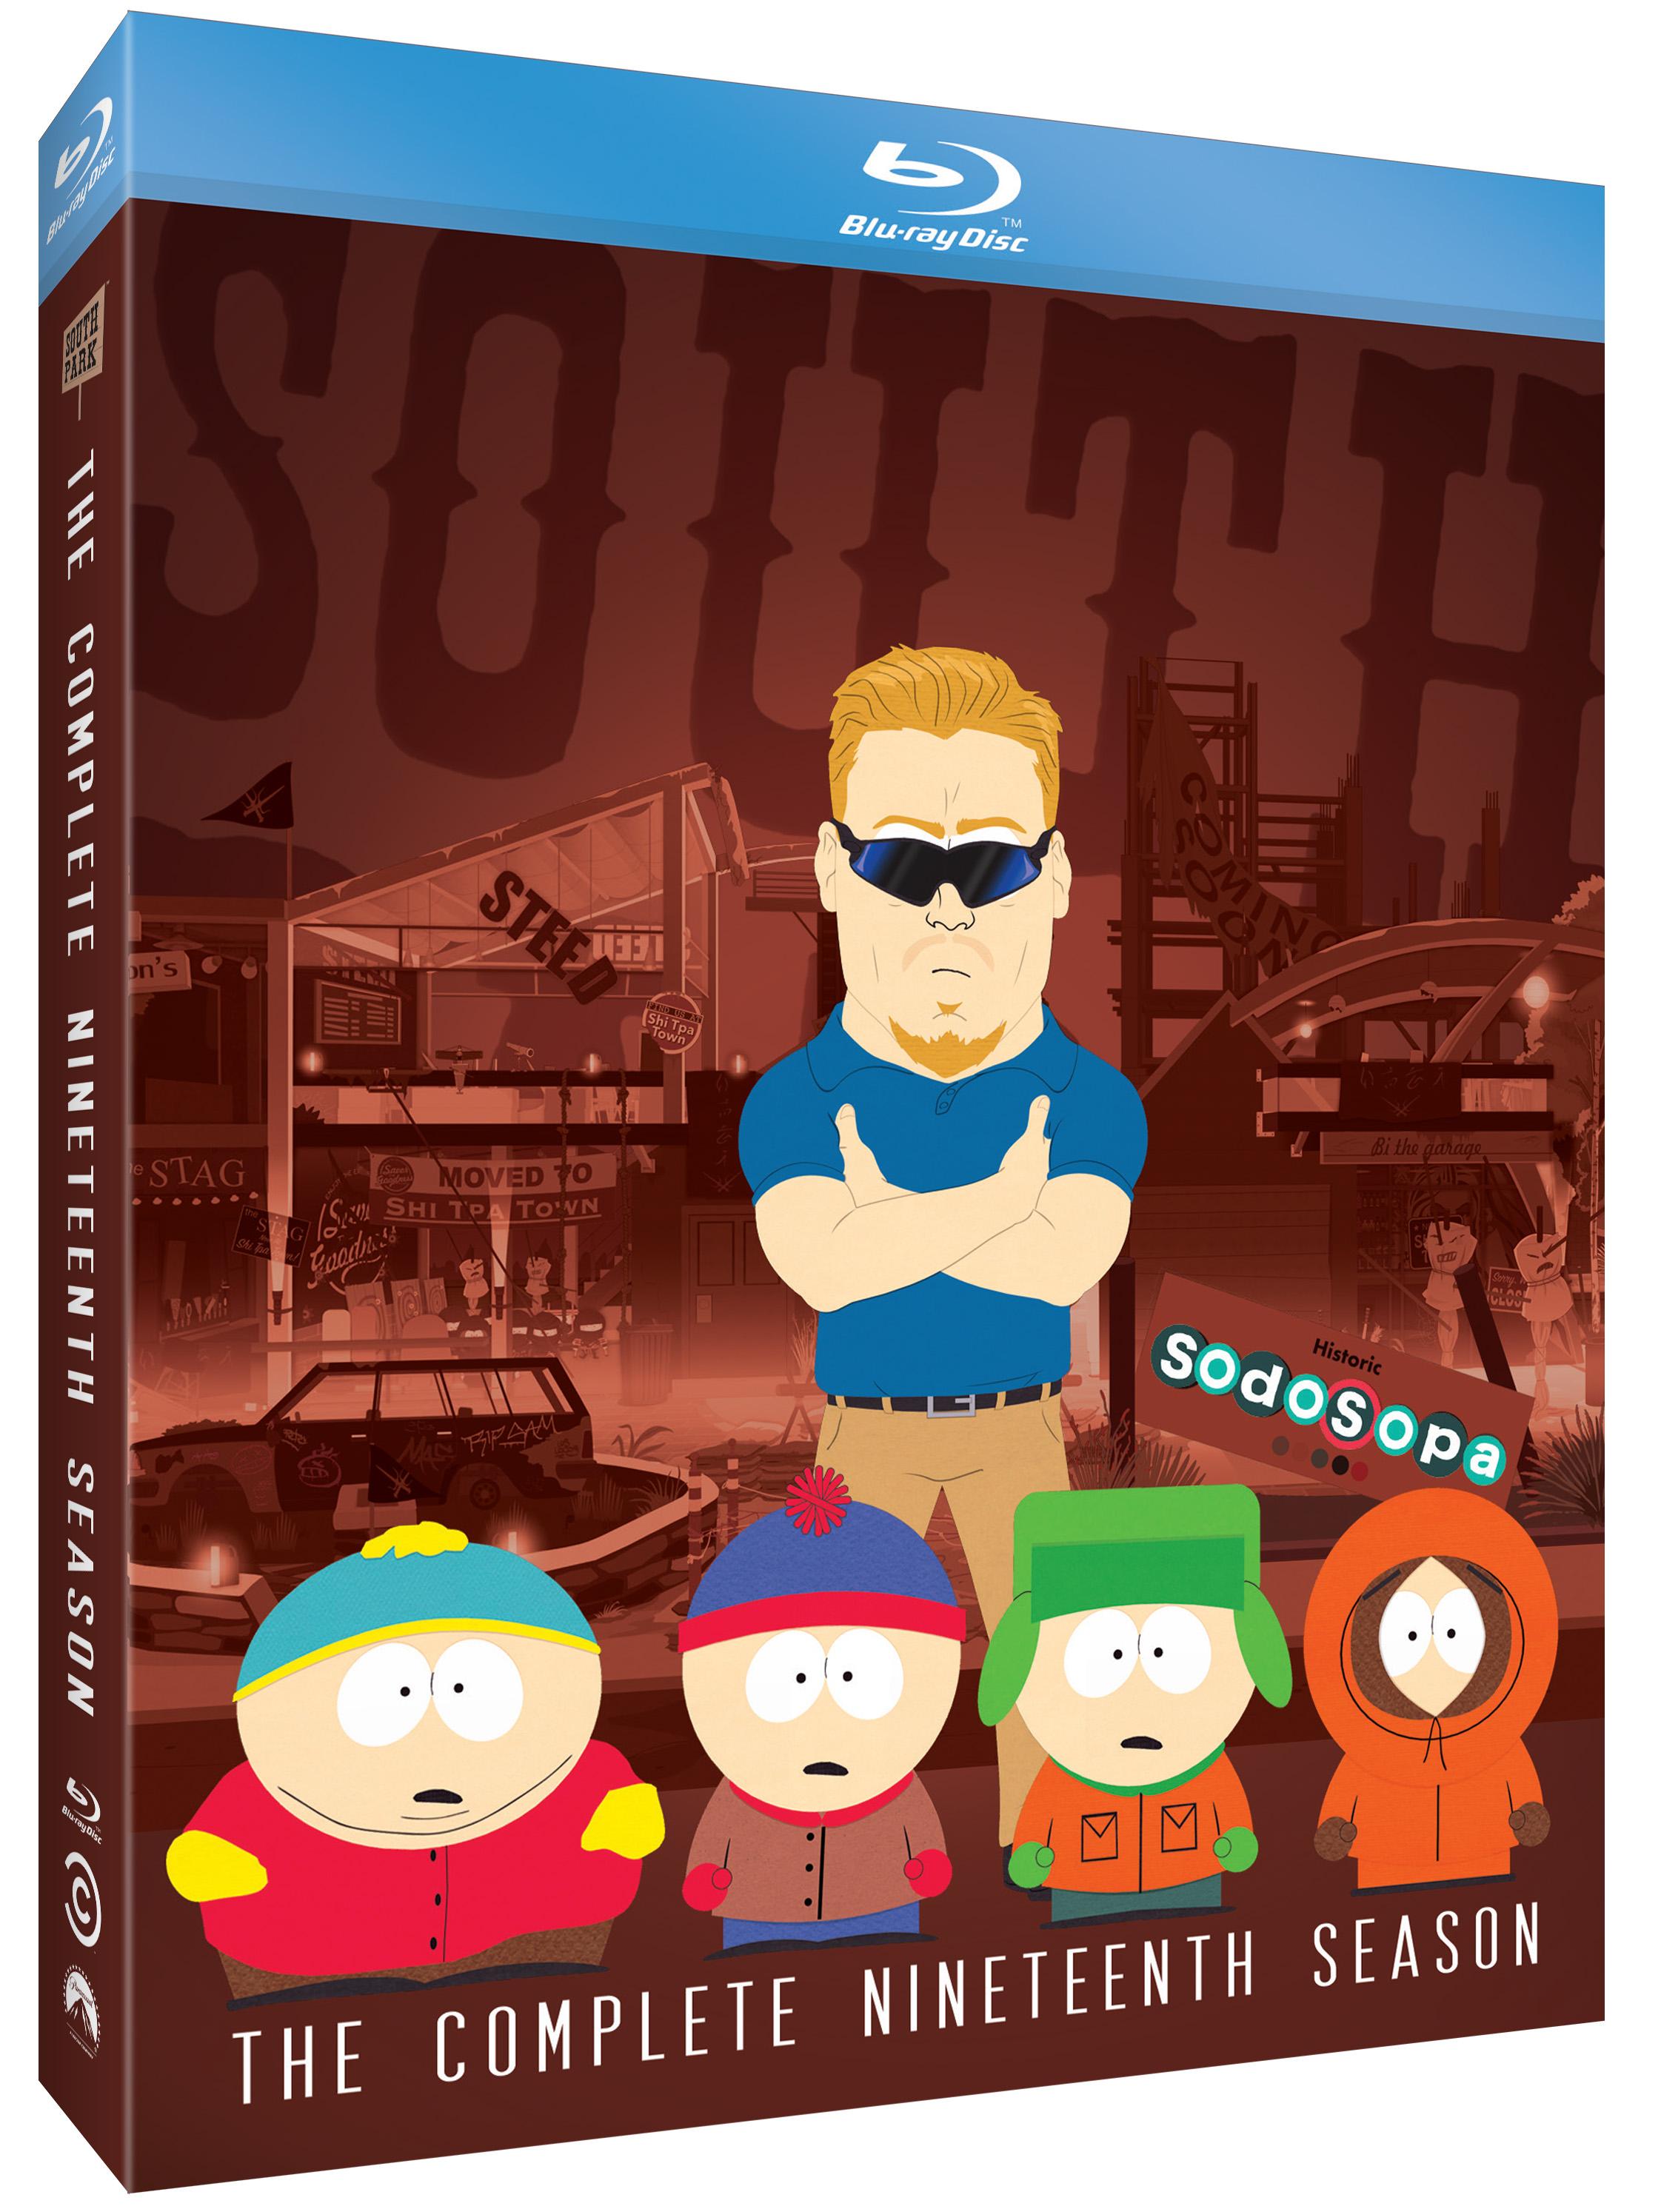 South Park Season 19 Blu-ray Review